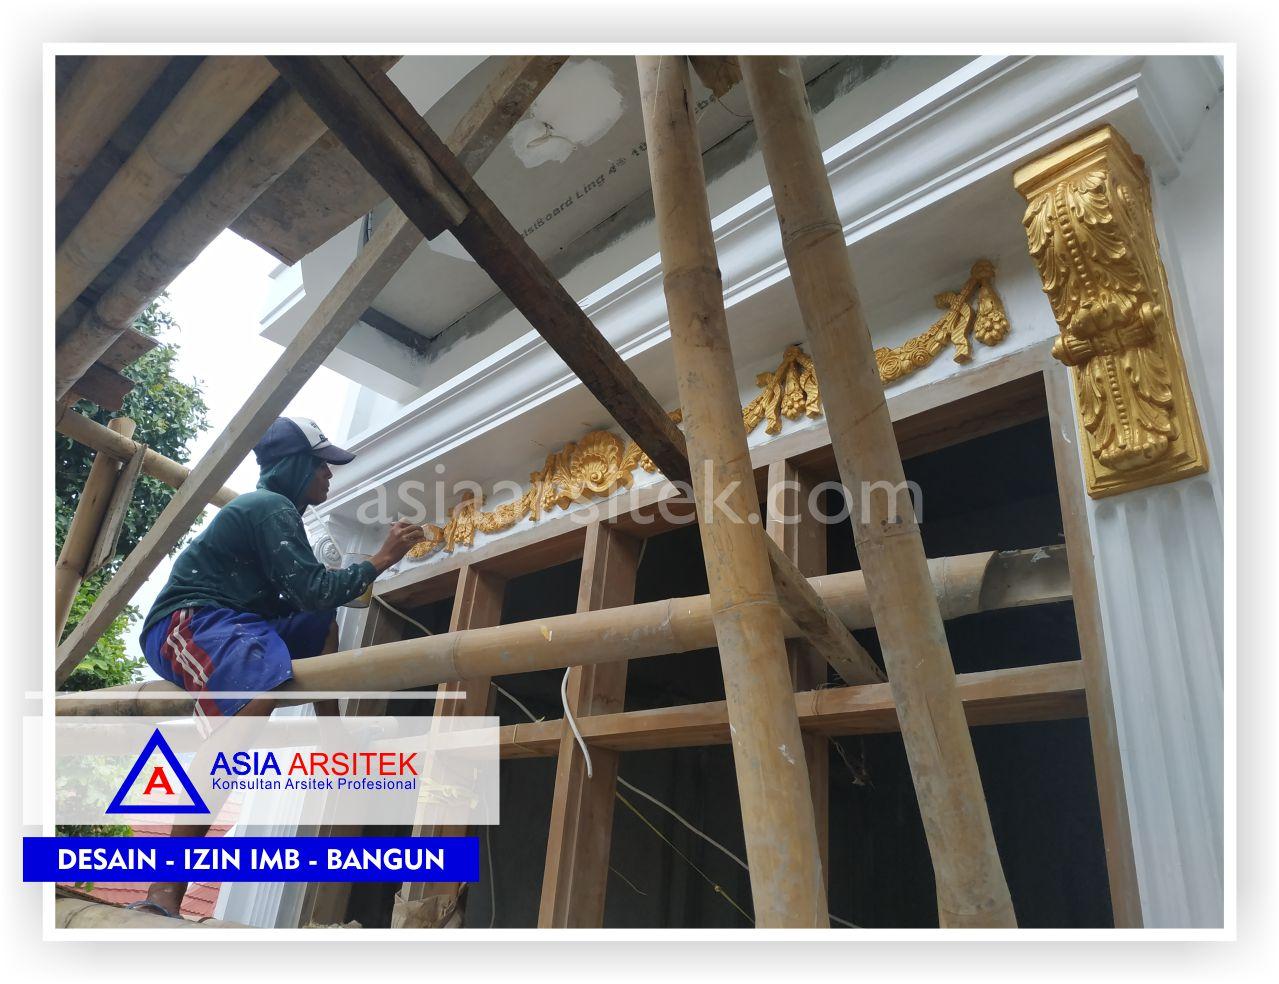 Pengerjaan Finishing Detail Rumah Klasik Mewah Bu Elisa - Arsitek Desain Rumah Minimalis Modern Di Jakarta-Tangerang-Bogor-Bekasi-Bandung-Jasa Konsultan Desain Arsitek Profesional